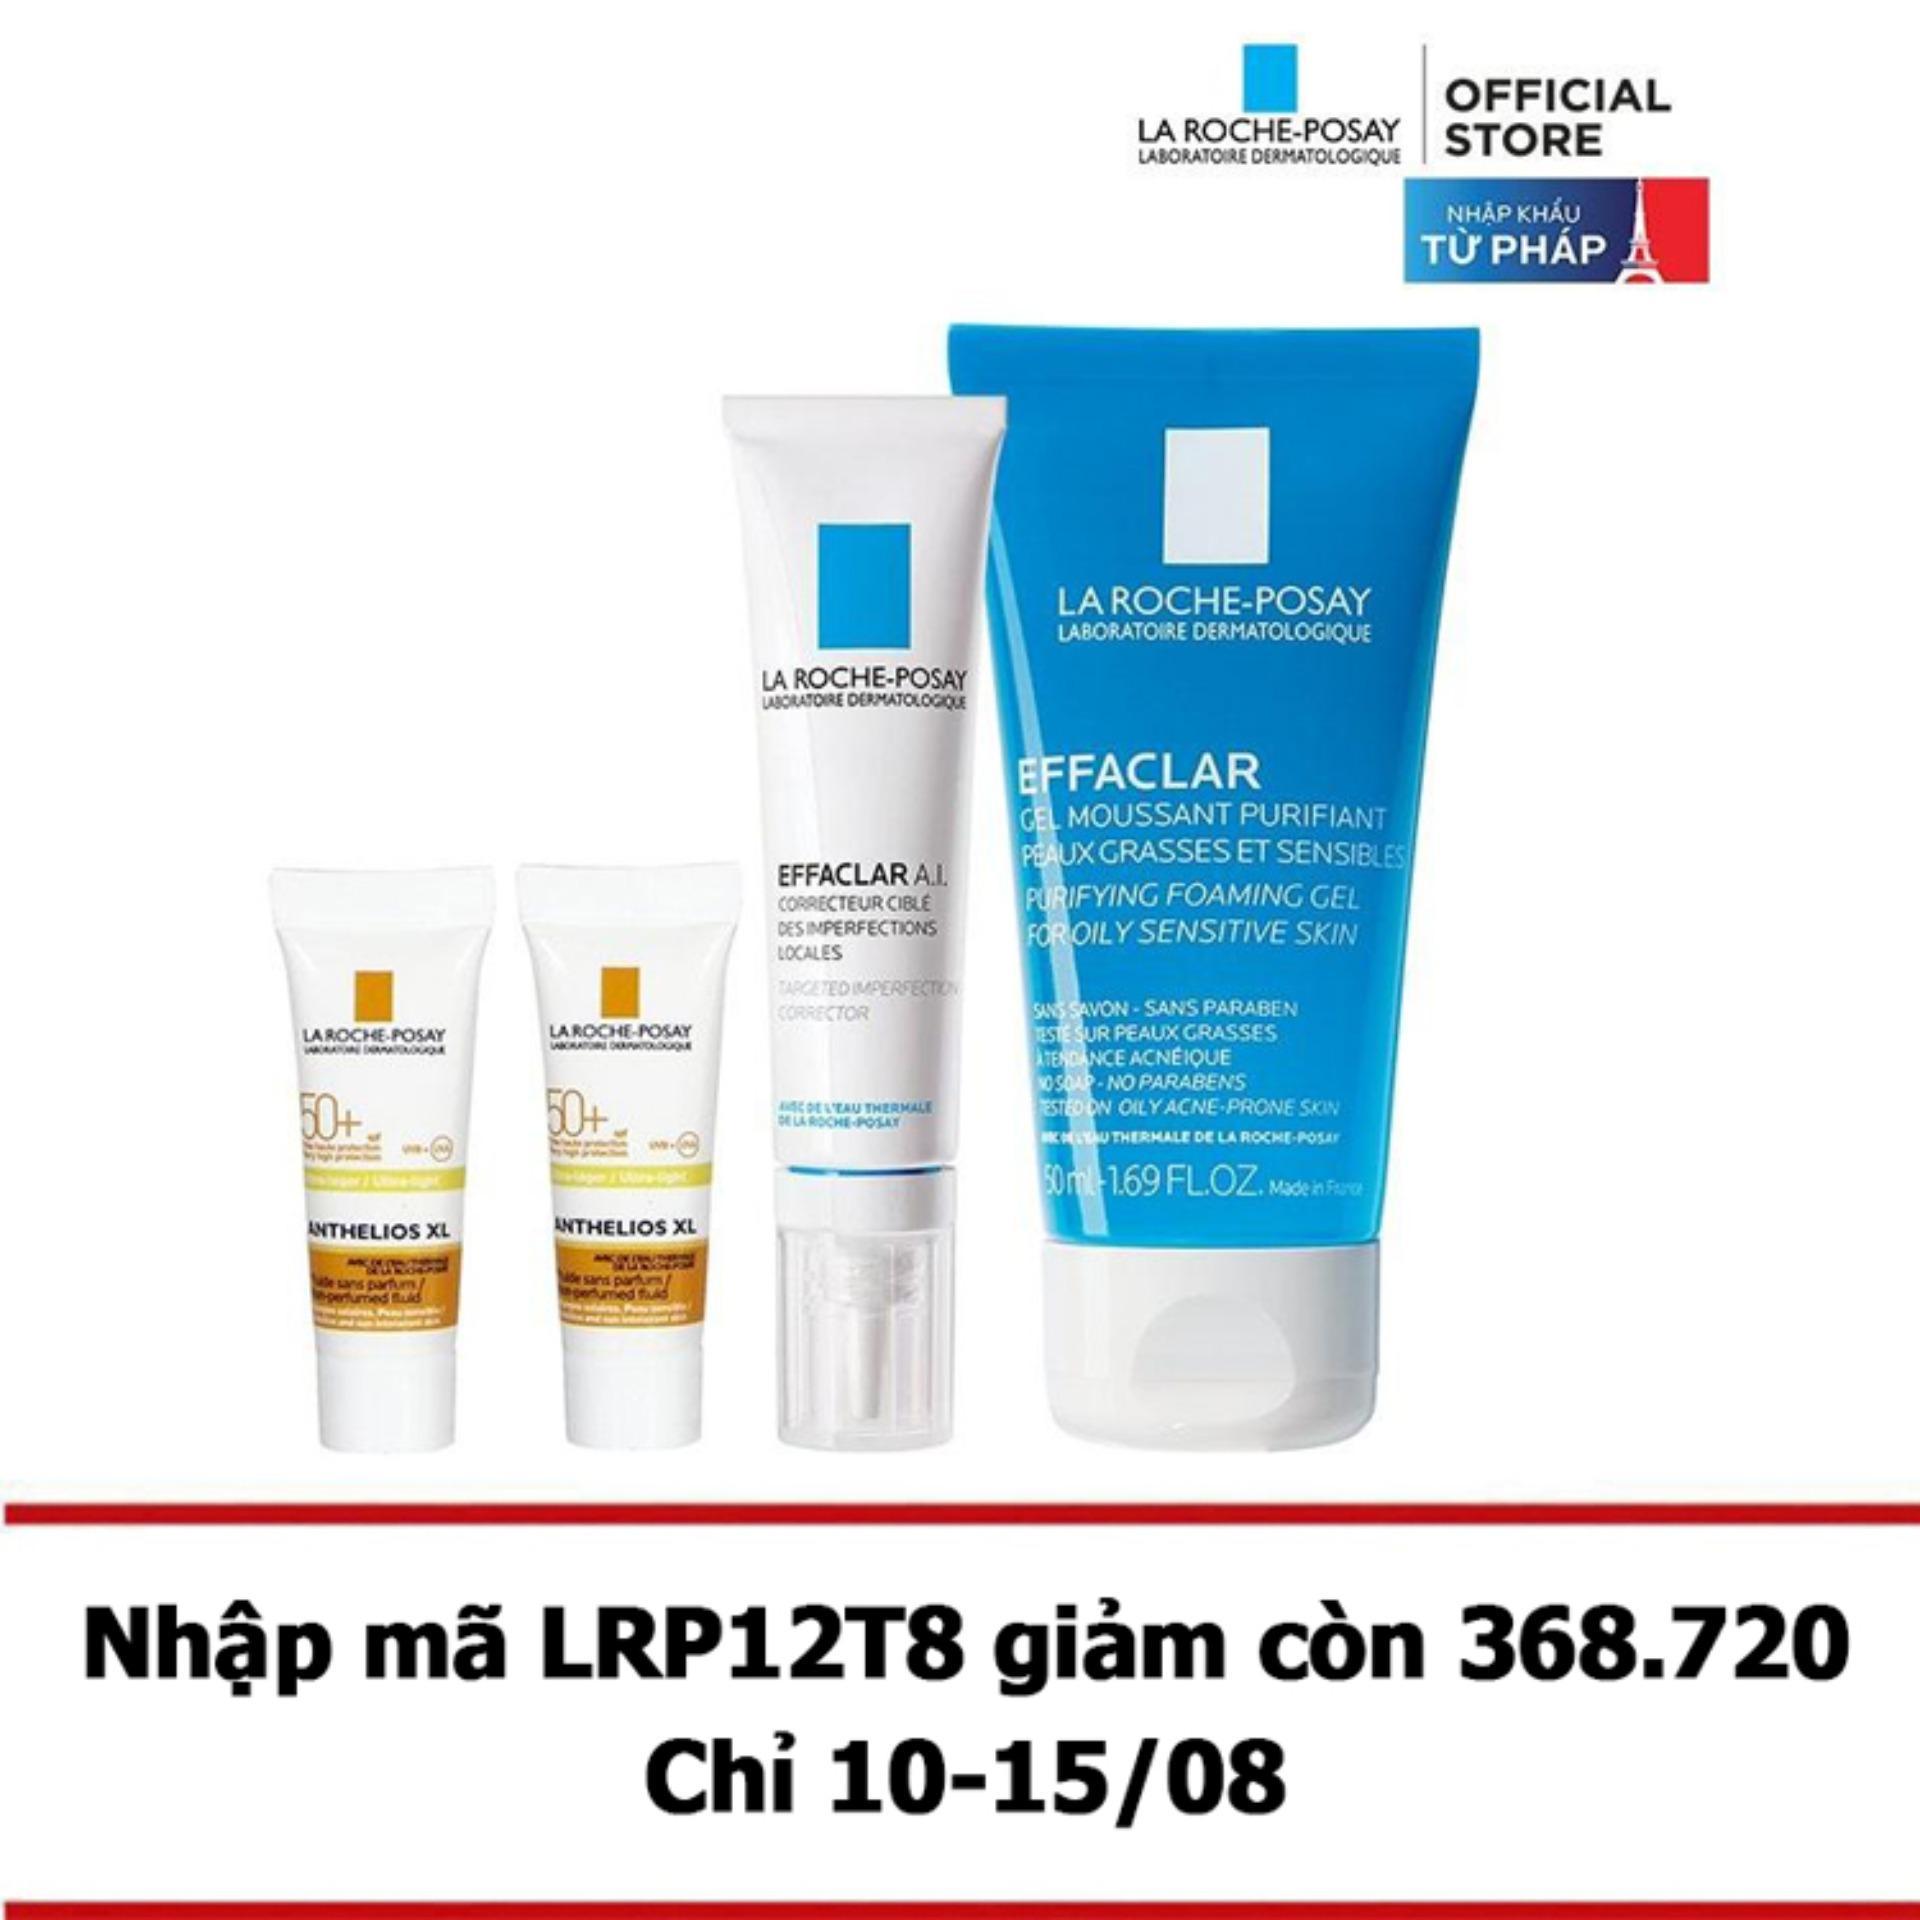 Hình ảnh Bộ sản phẩm giúp giảm mụn chuyên biệt La Roche-Posay Effaclar A.I